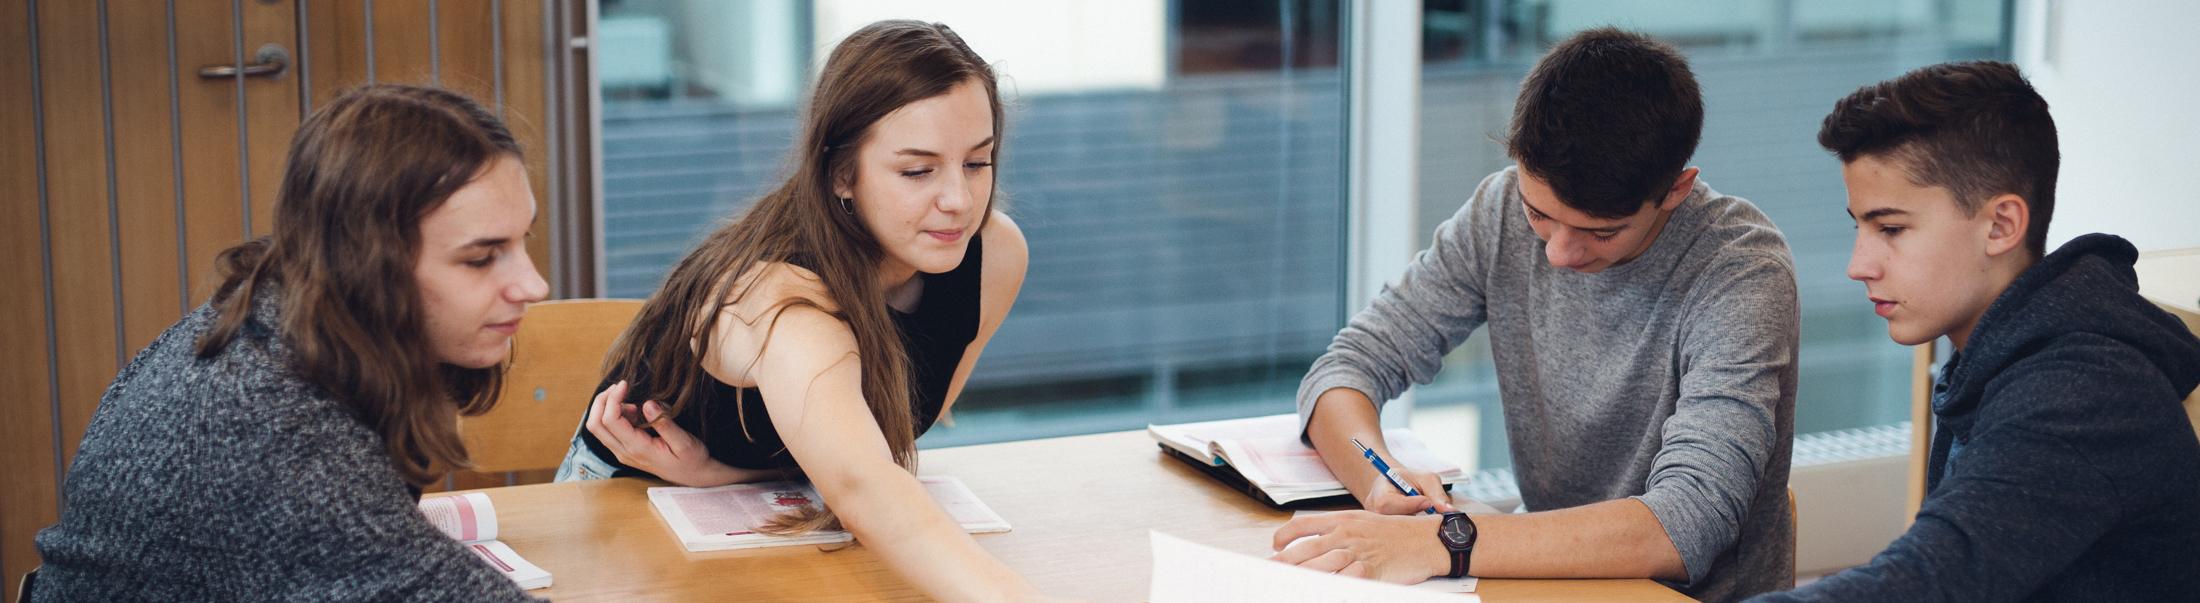 To piger og to drenge sidder sammen i gruppearbejde.